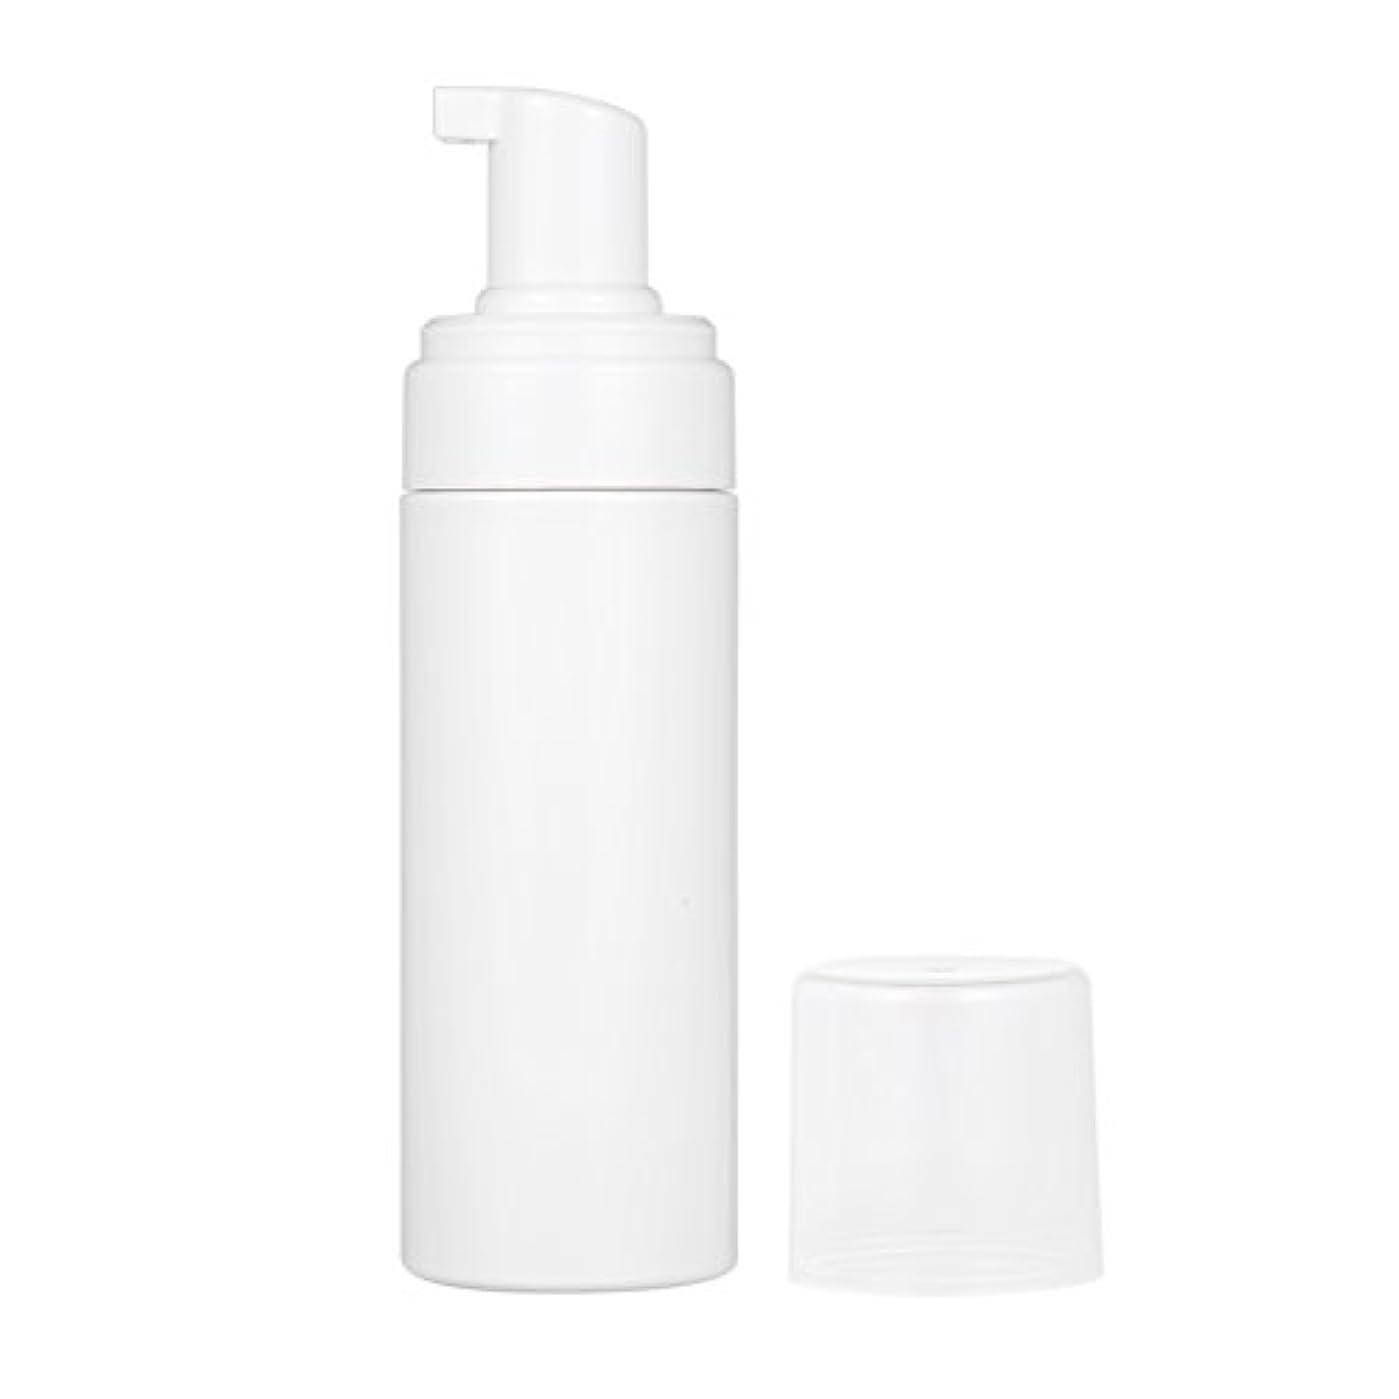 要求借りている隠されたDecdeal 泡立て器 1pc 150ML(5.2oz)発泡ポンプボトル 詰め替え ポータブル旅行 ムースソーププラスチック